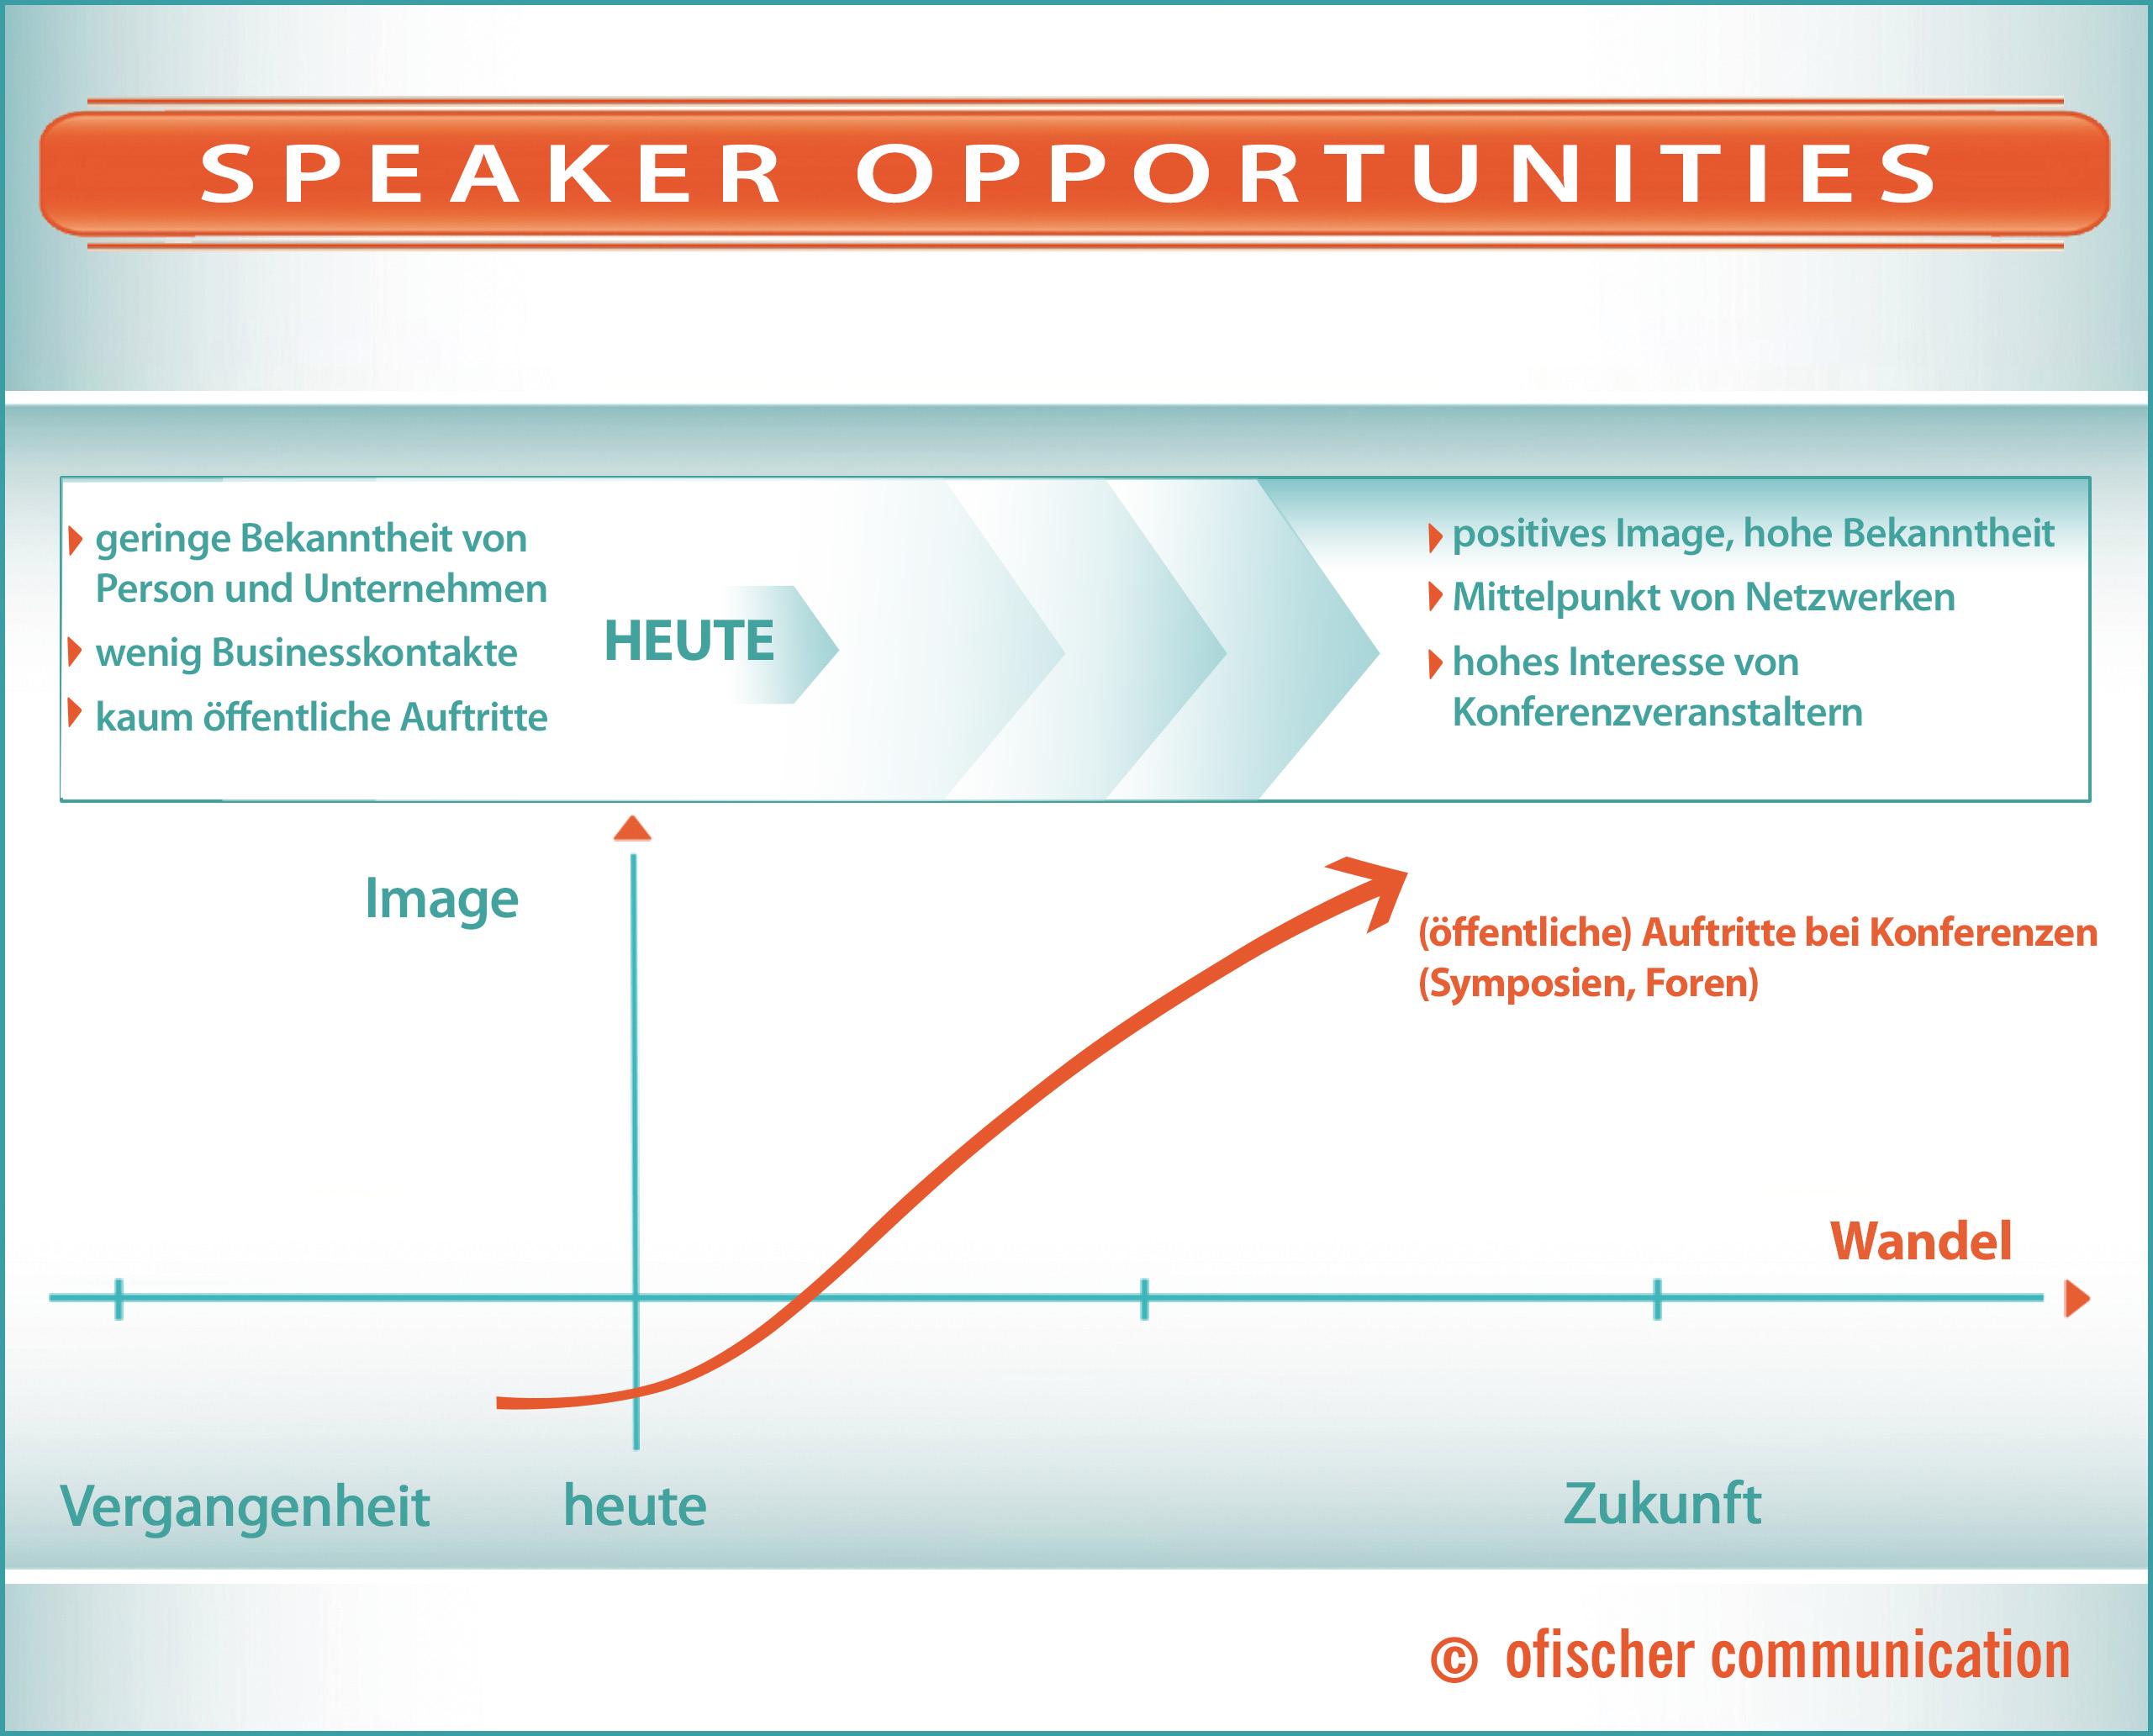 Positive Wahrnehmung durch Speaker Opportunities und Executive Positioning: Nutzung internationaler Fachkonferenzen und Wirtschaftskonferenzen als Plattform zur Imagesteigerung für den Redner und sein Unternehmen.